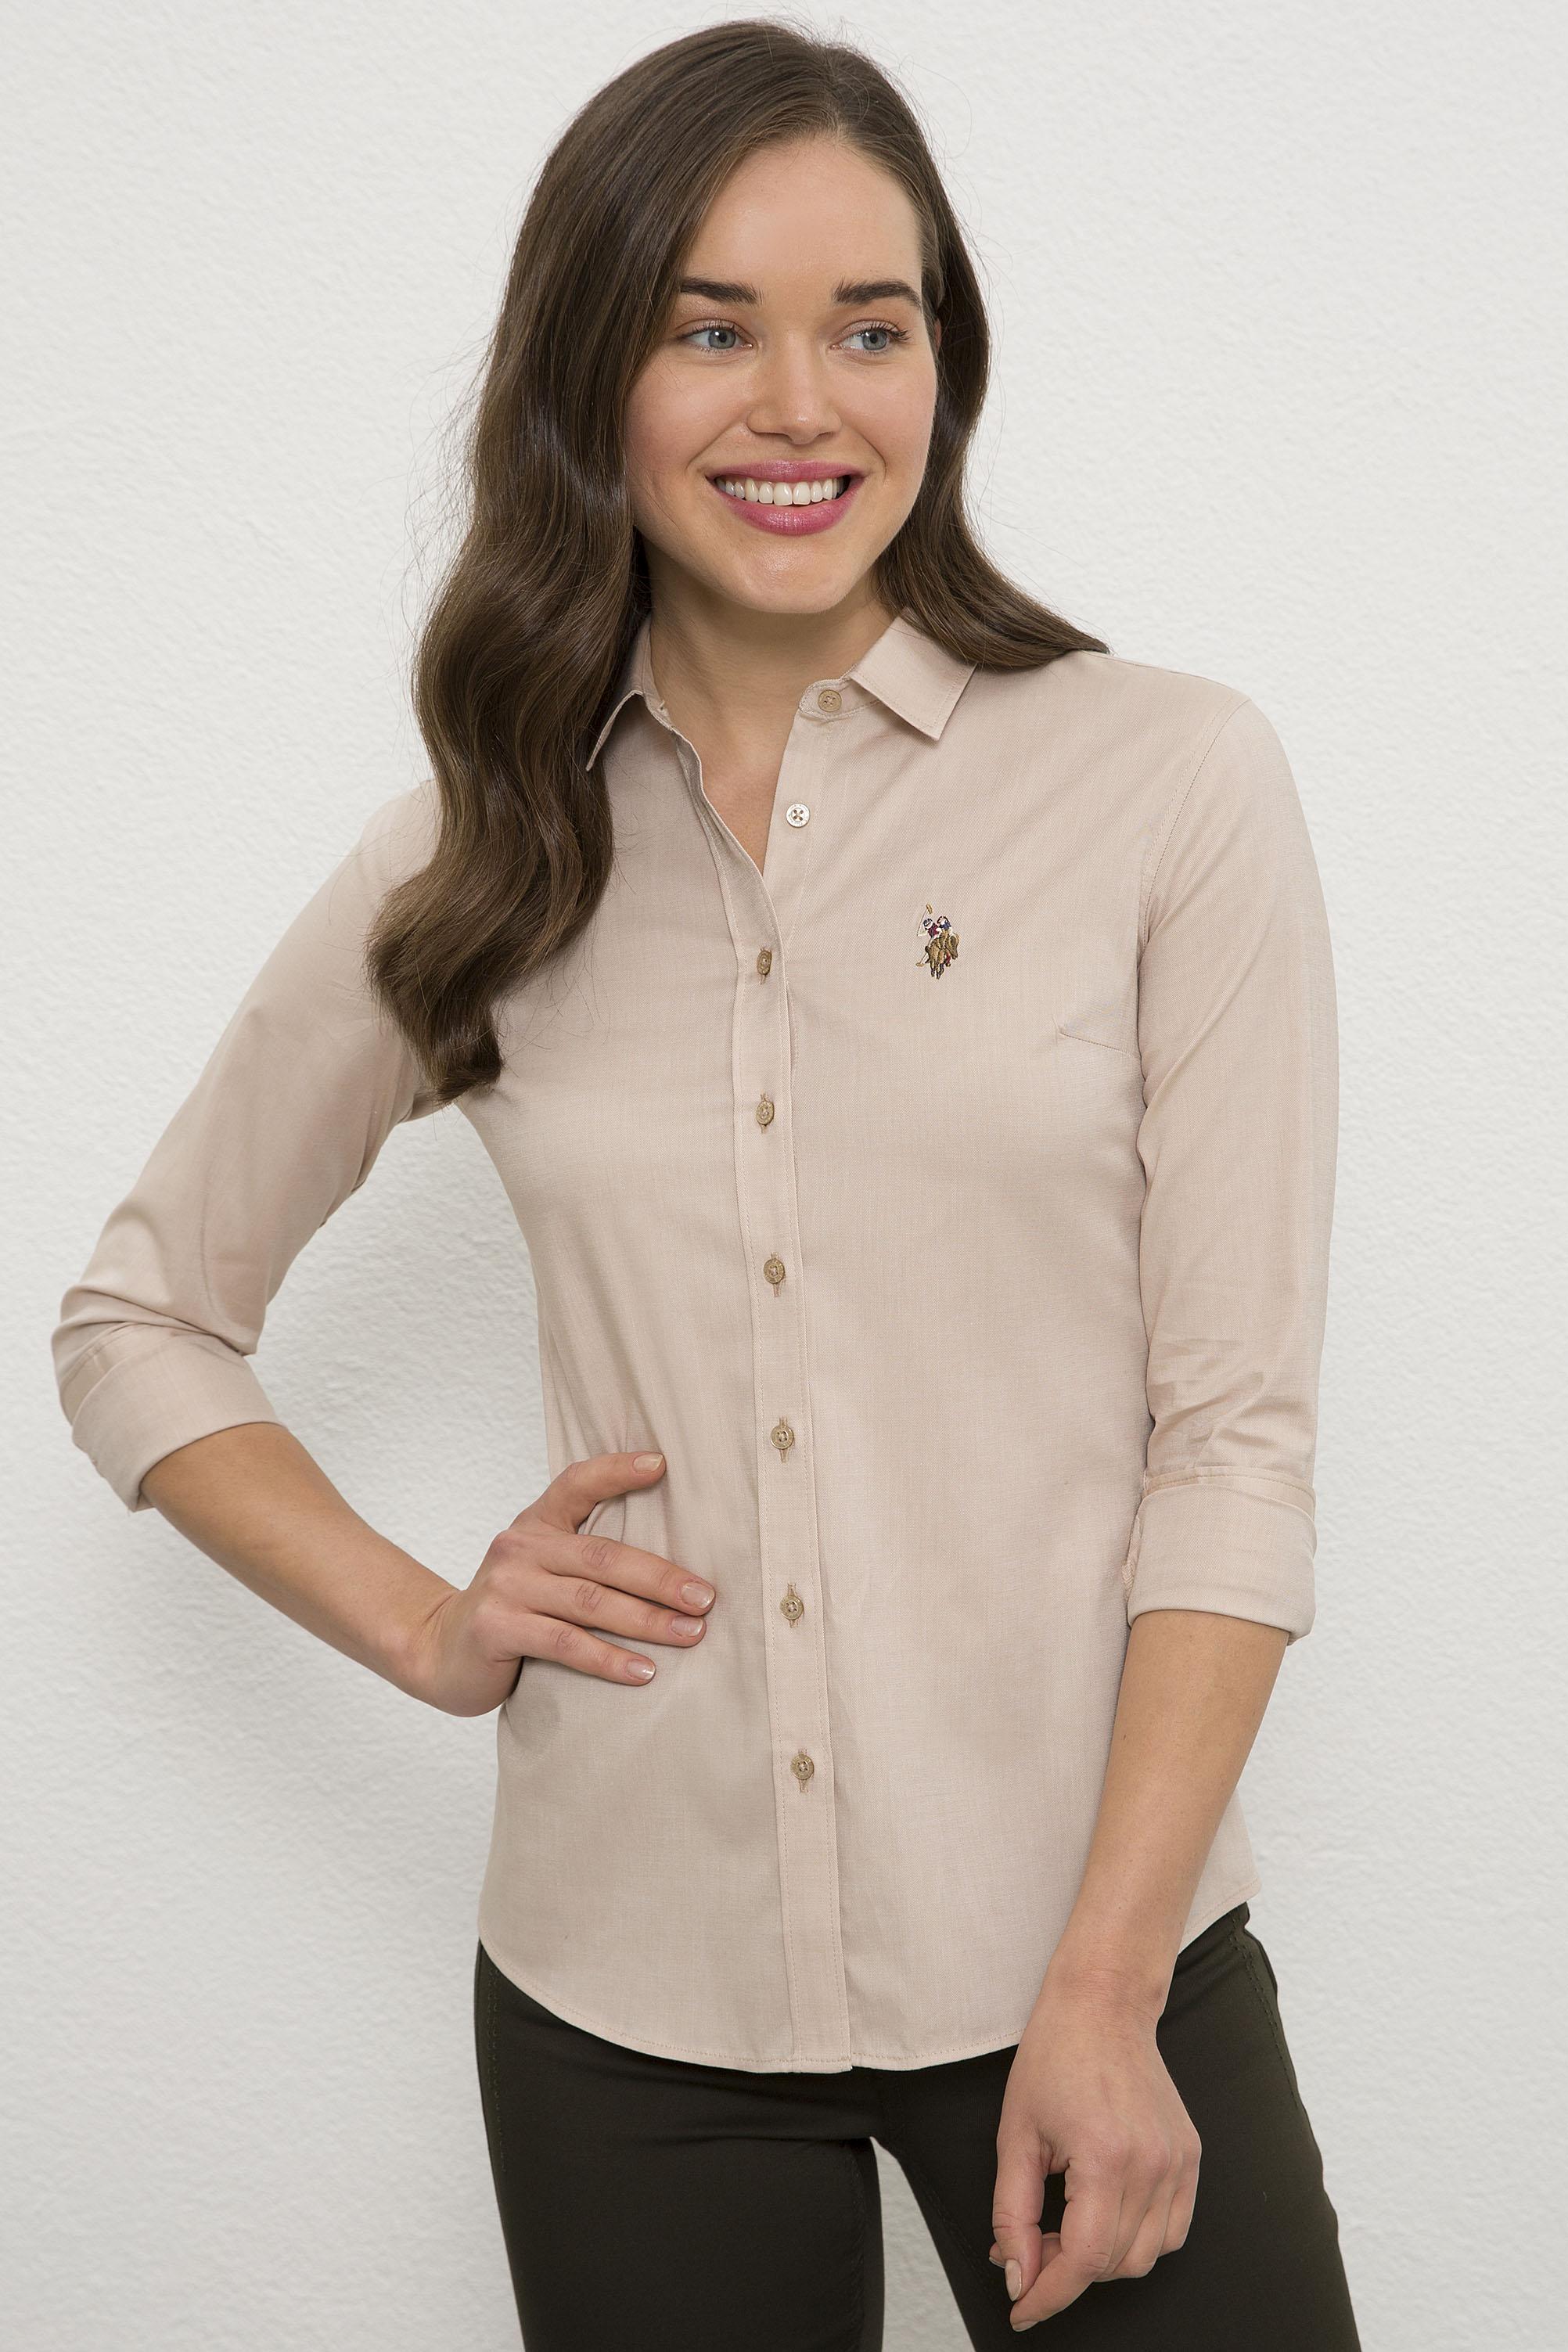 Рубашка женская U.S. POLO Assn. G082SZ0040CRISCOLOR020K бежевая 44